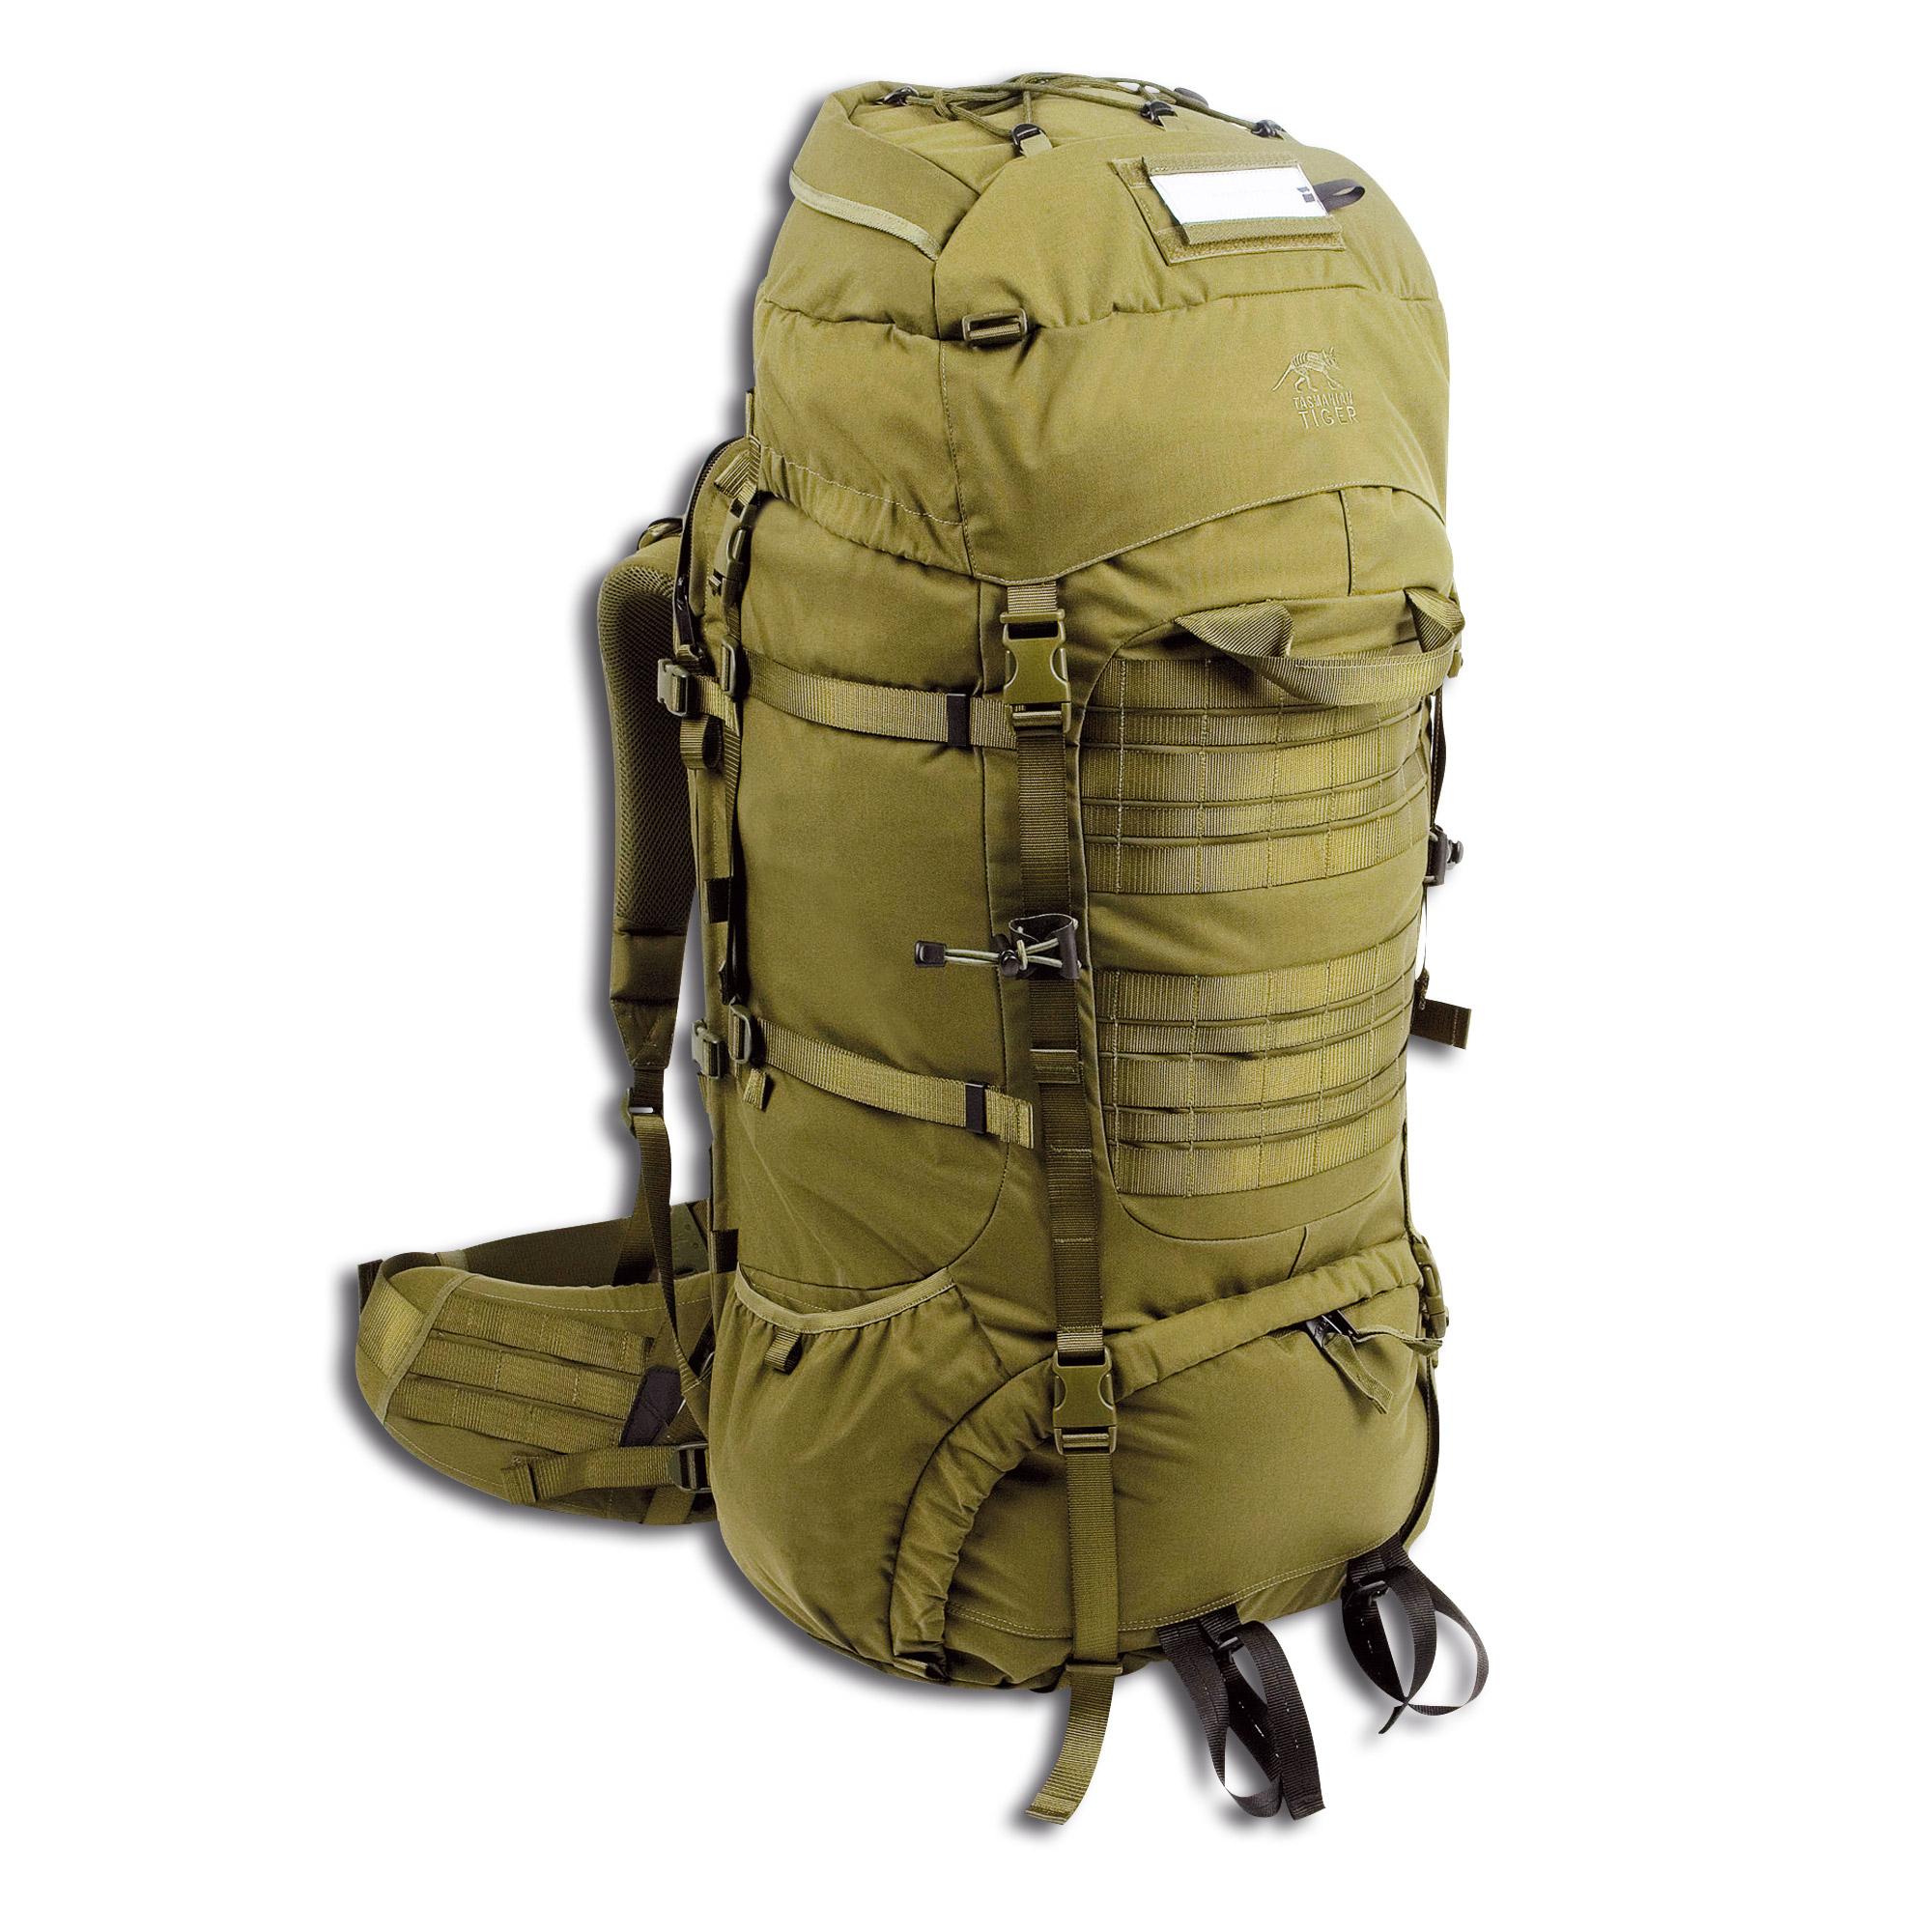 Rucksack TT Range Pack G82 L khaki